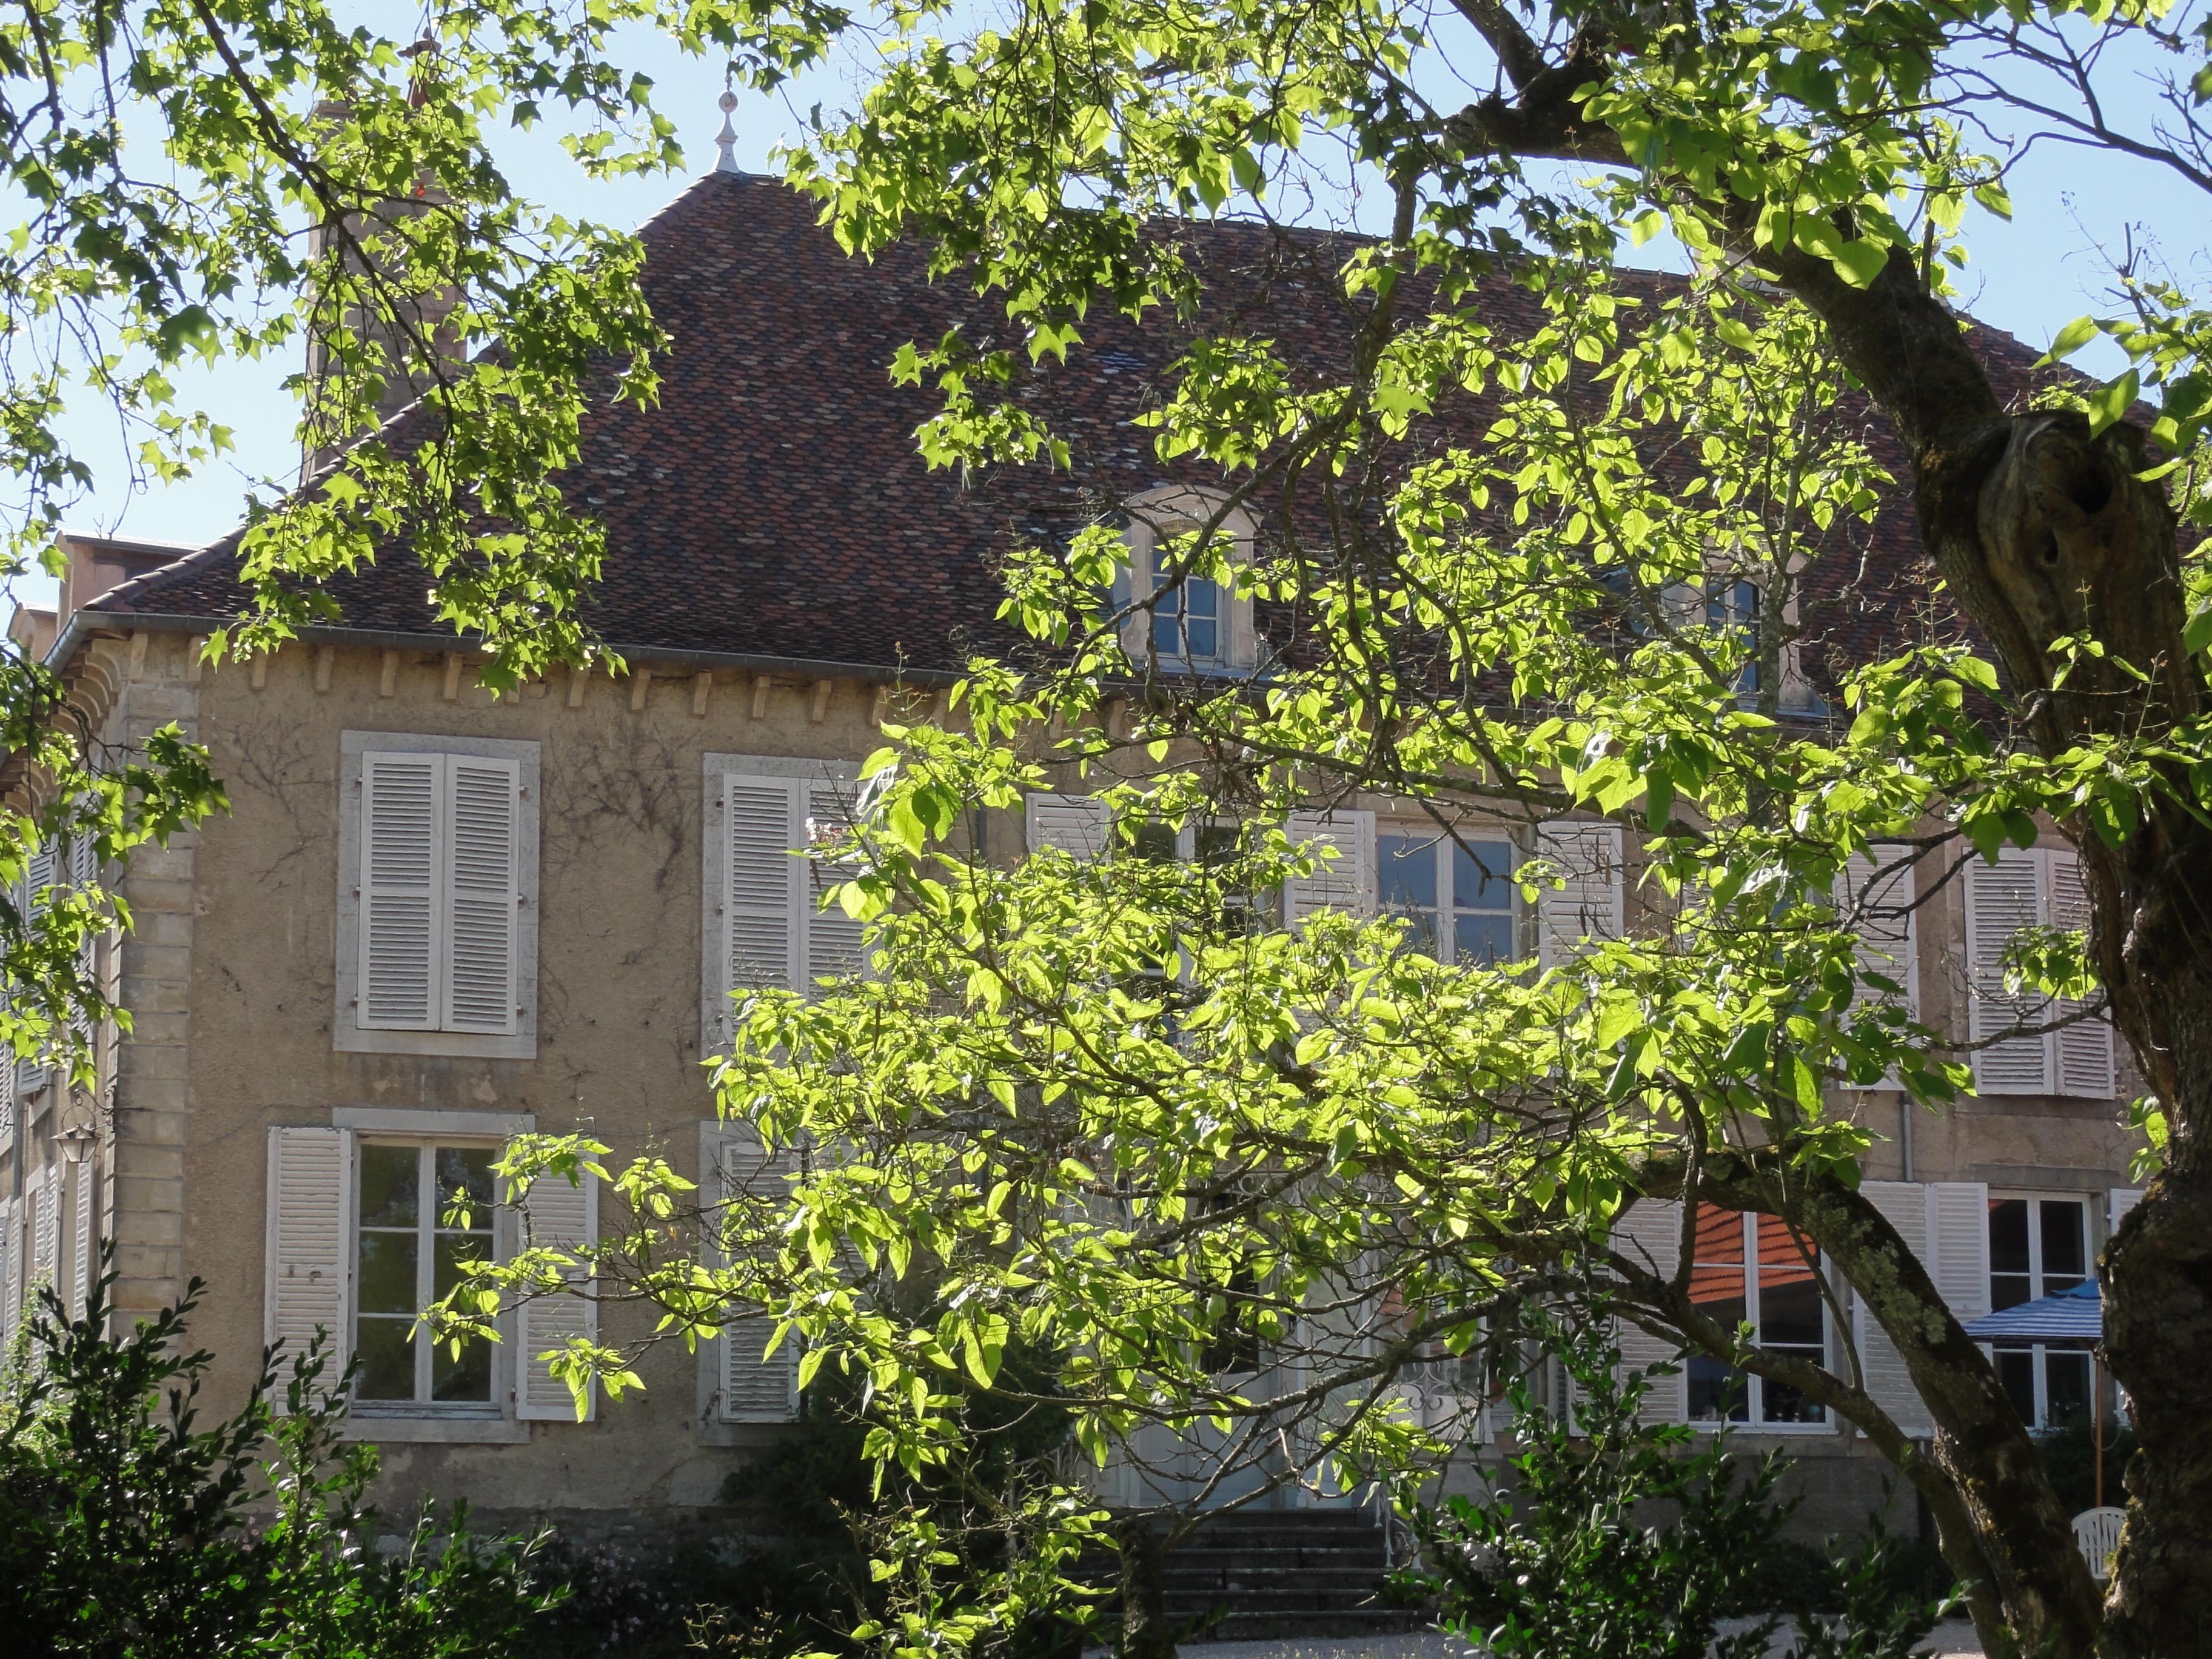 Landhuis in de zomer, met bloeiende boom op de voorgrond